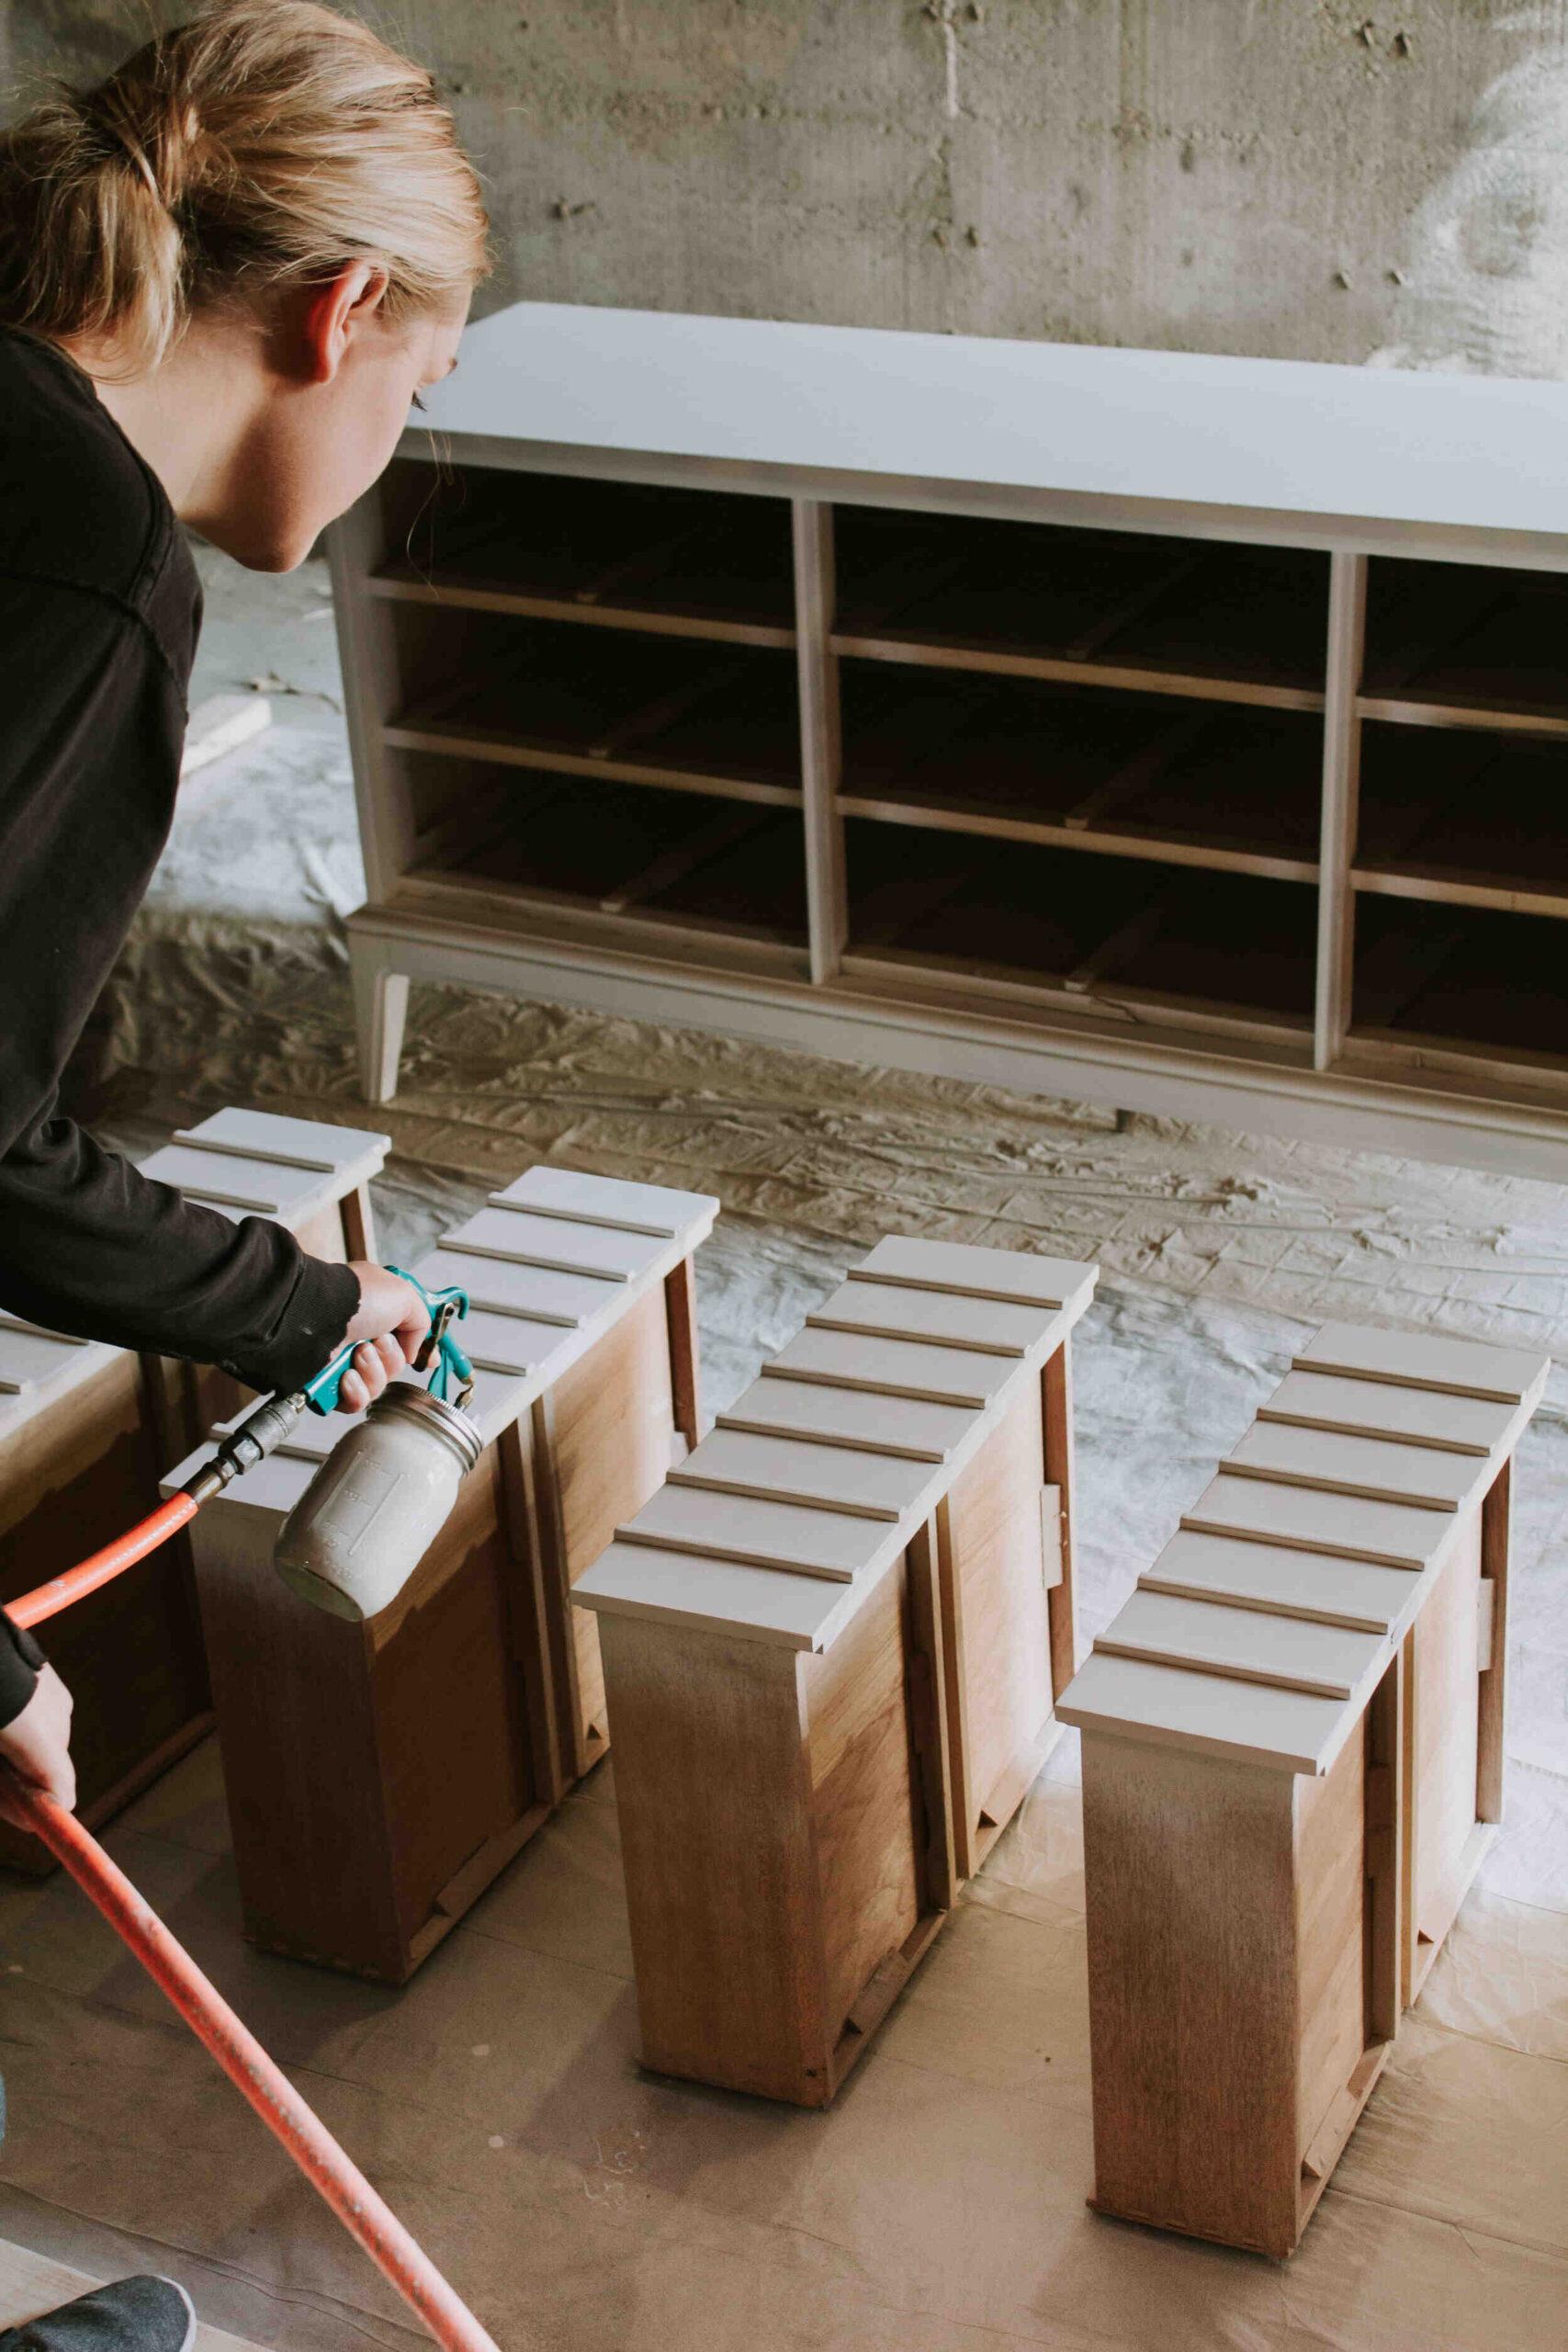 Comment enlever la vieille cire sur un meuble ?